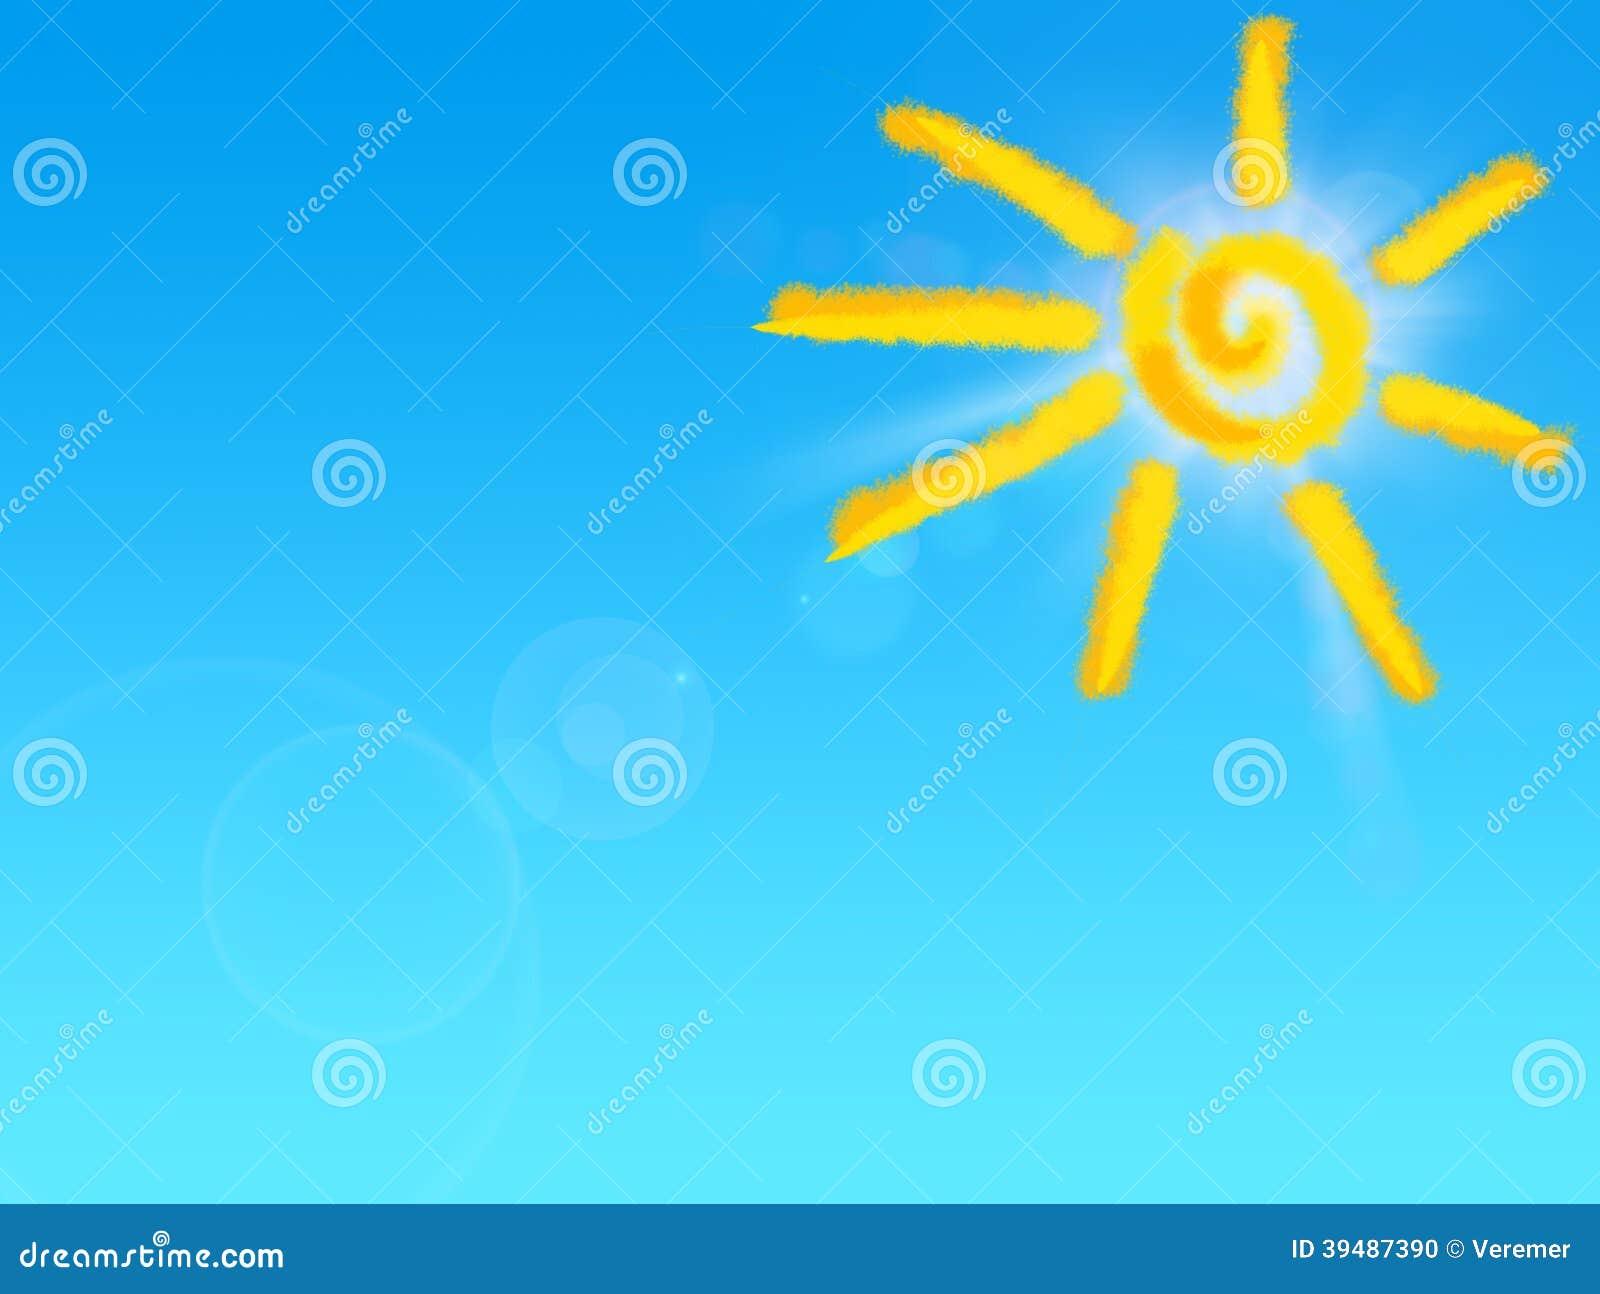 Dibujo De Sun En El Cielo Azul Stock De Ilustración Ilustración De